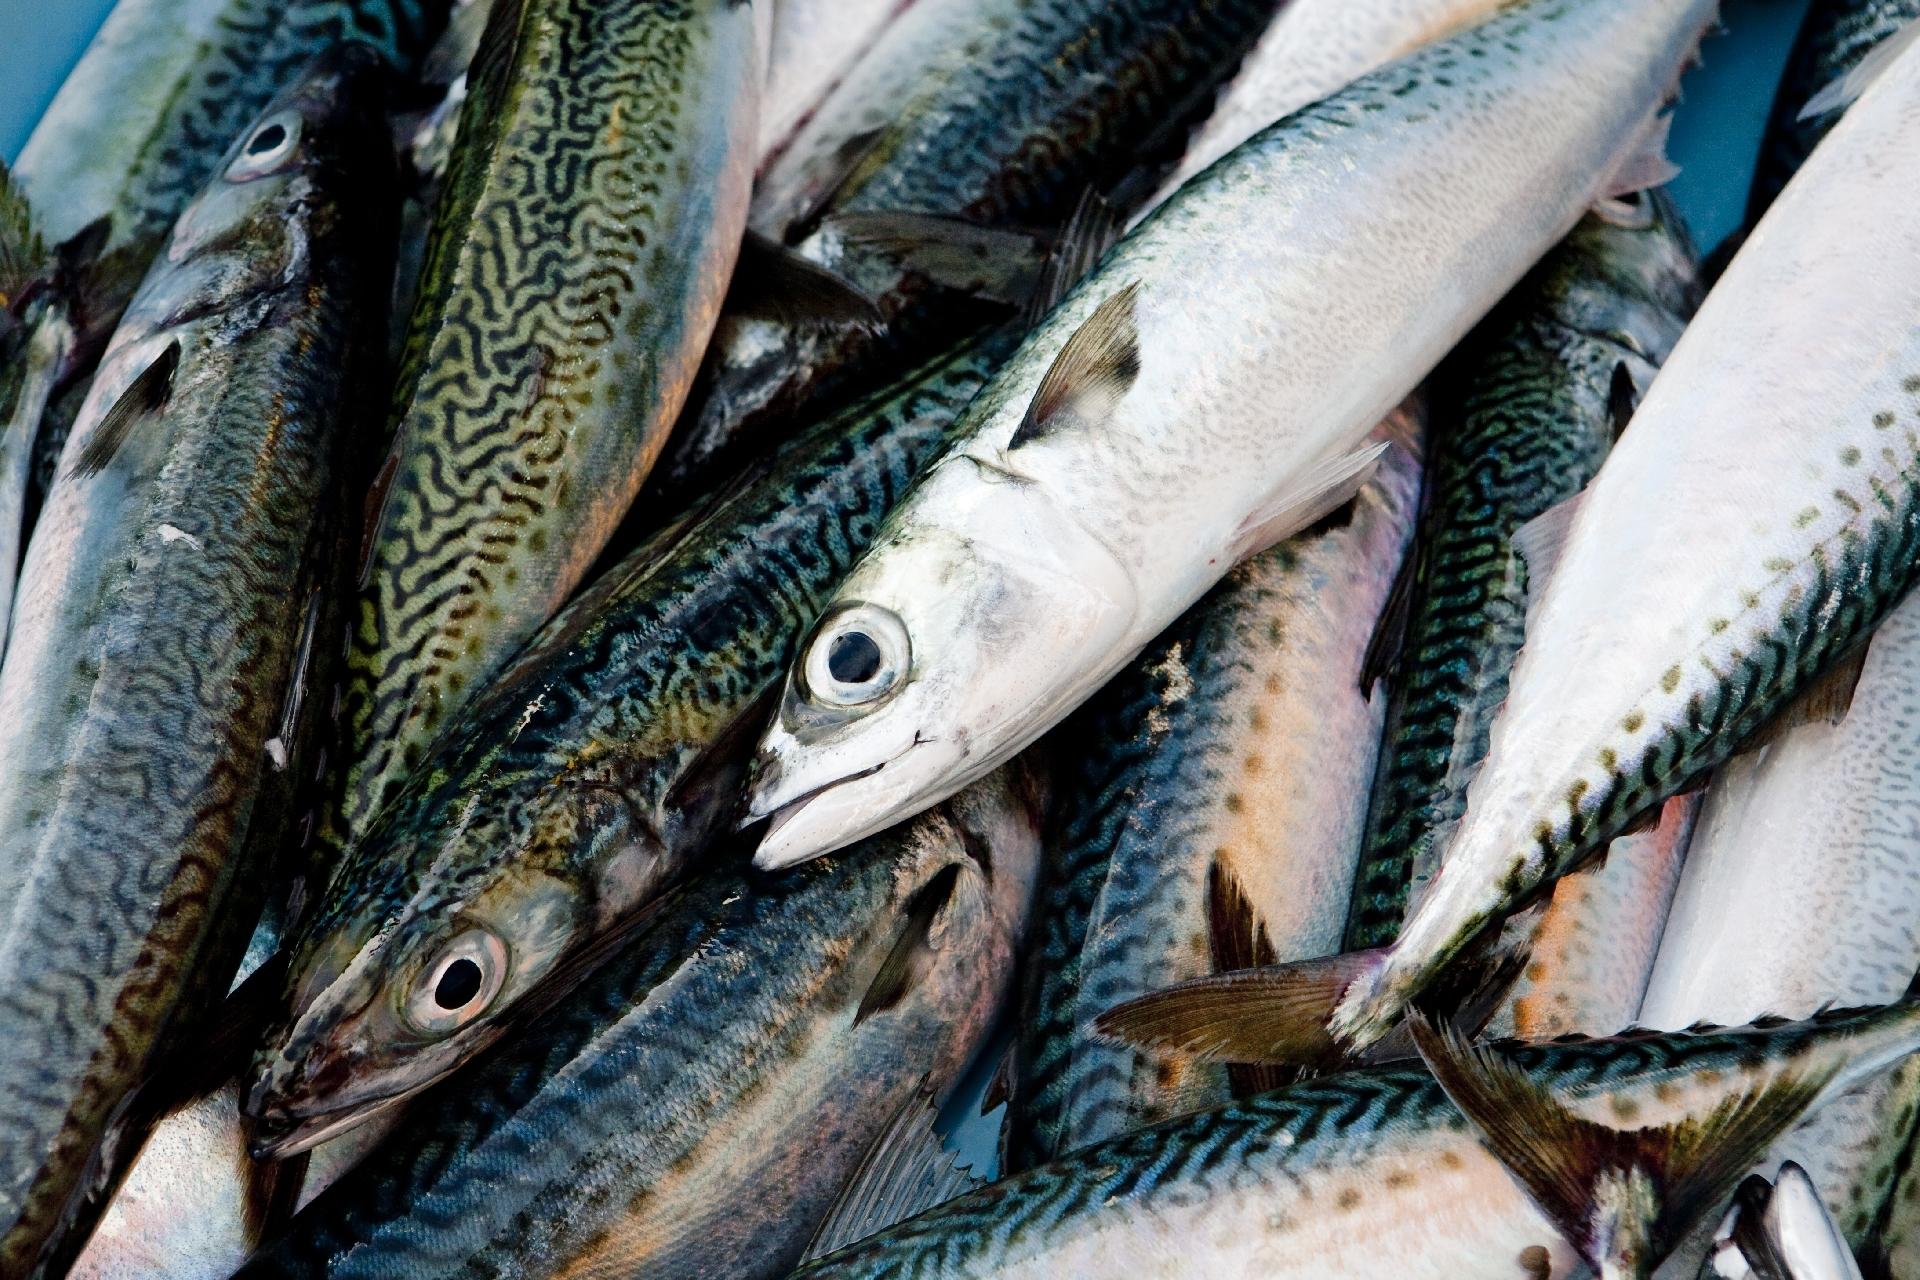 青魚などに含まれる「オメガ3脂肪酸」は、アルツハイマー病治療の救世主になる?